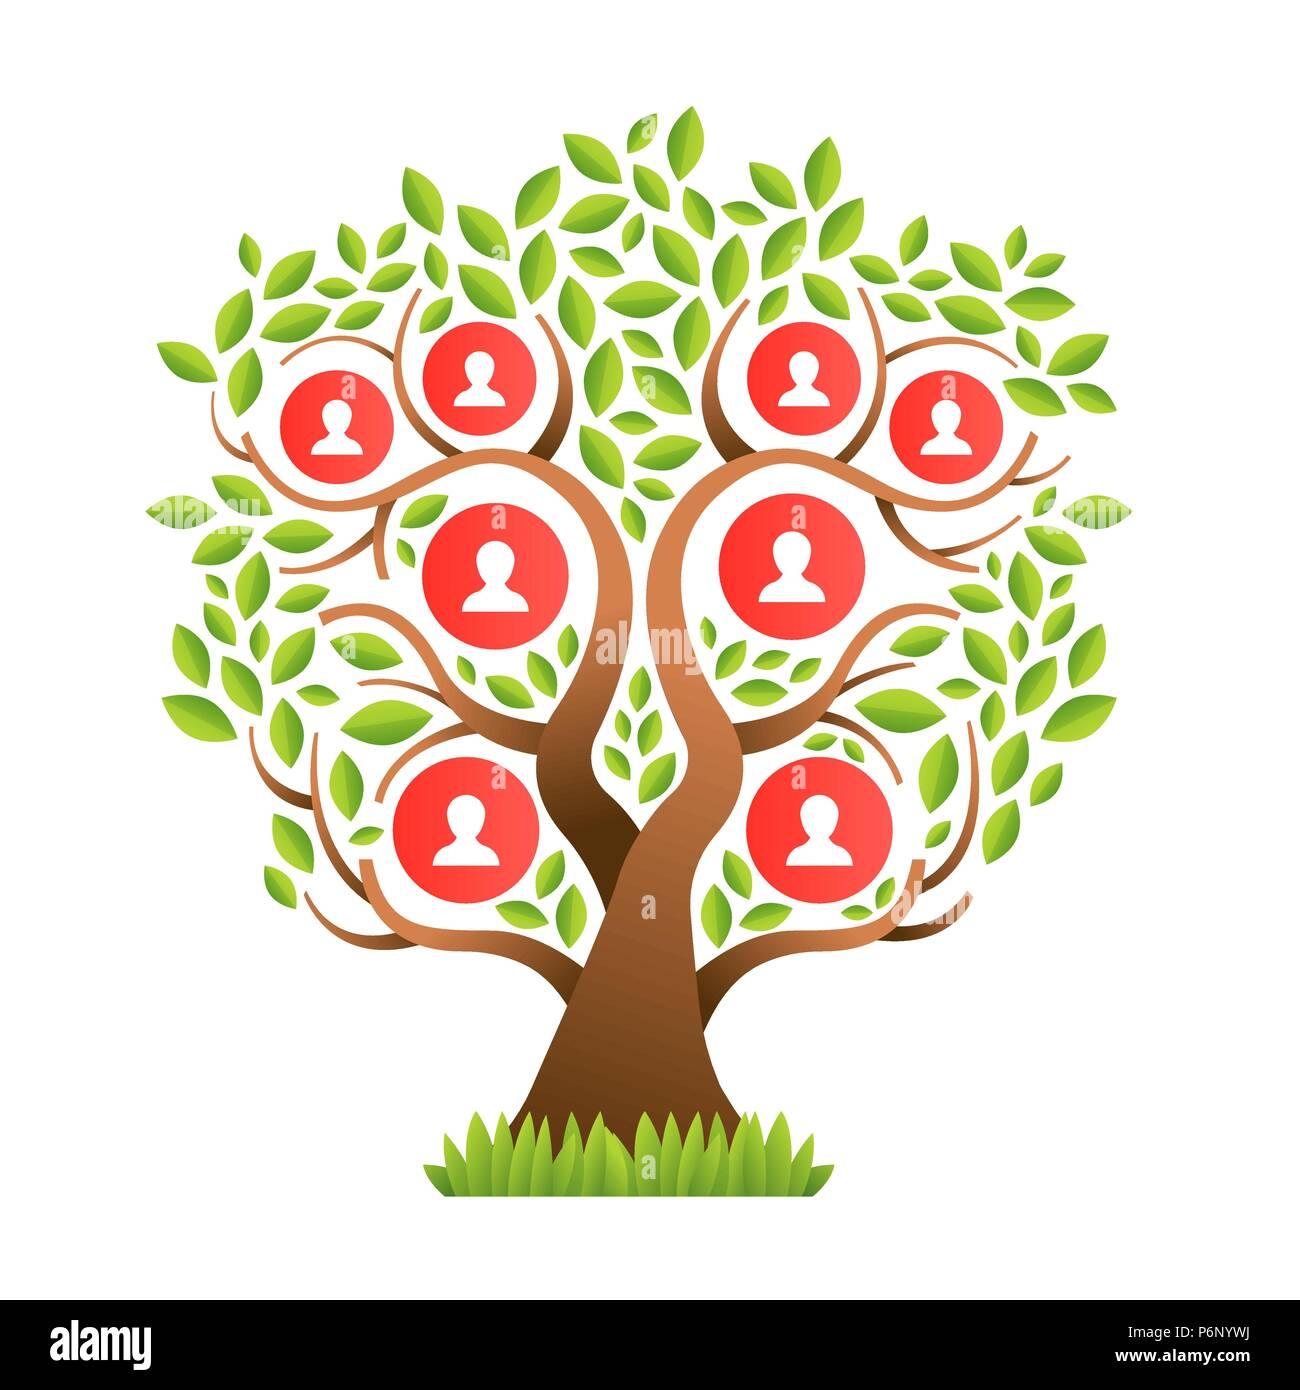 Concepto De Plantilla De árbol Familiar Con Personas Iconos Y